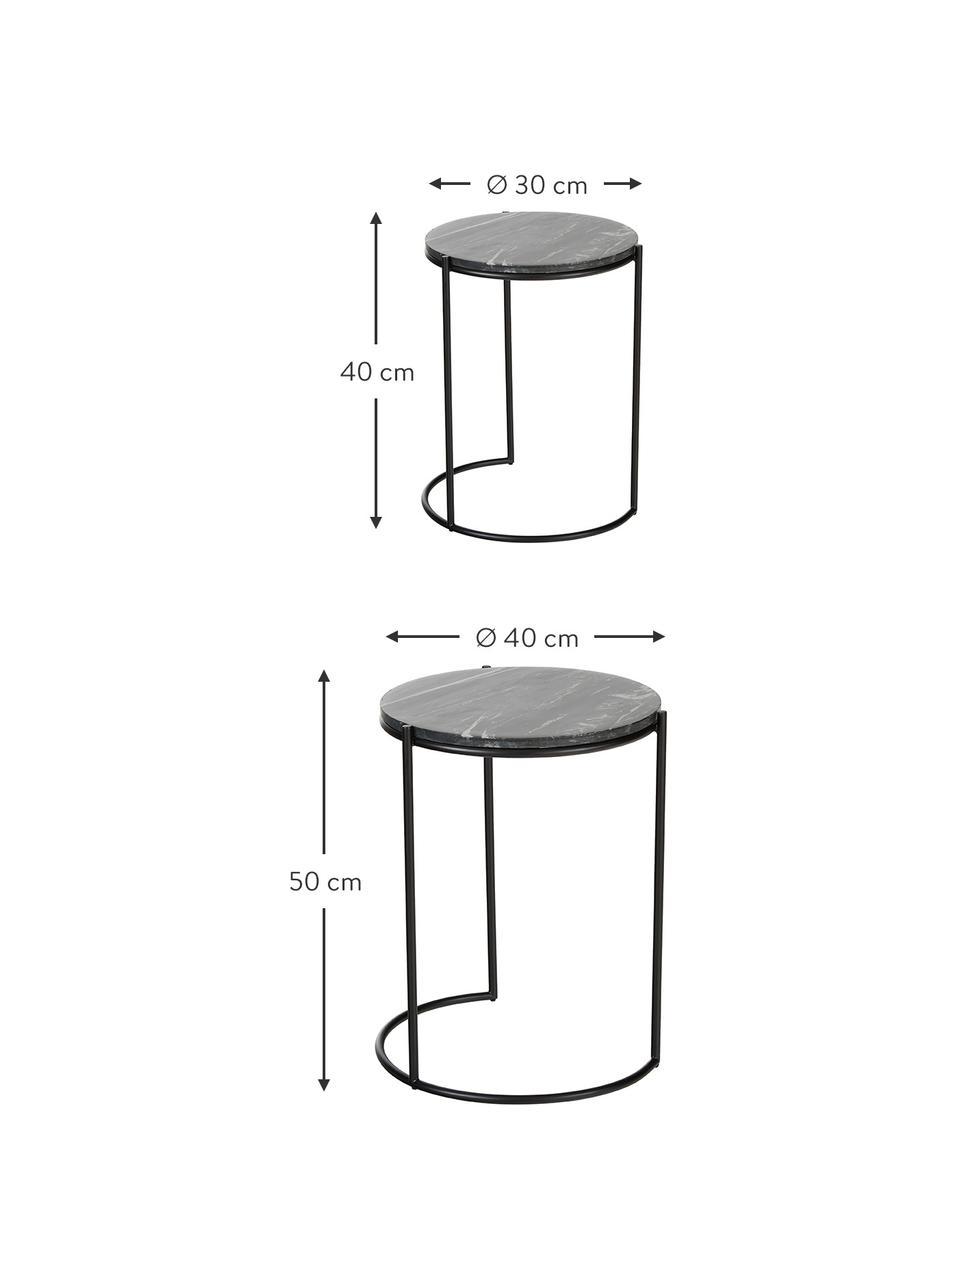 Marmor-Beistelltisch-Set Ella, 2-tlg., Tischplatten: Schwarzer MarmorGestelle: Schwarz, matt, Sondergrößen